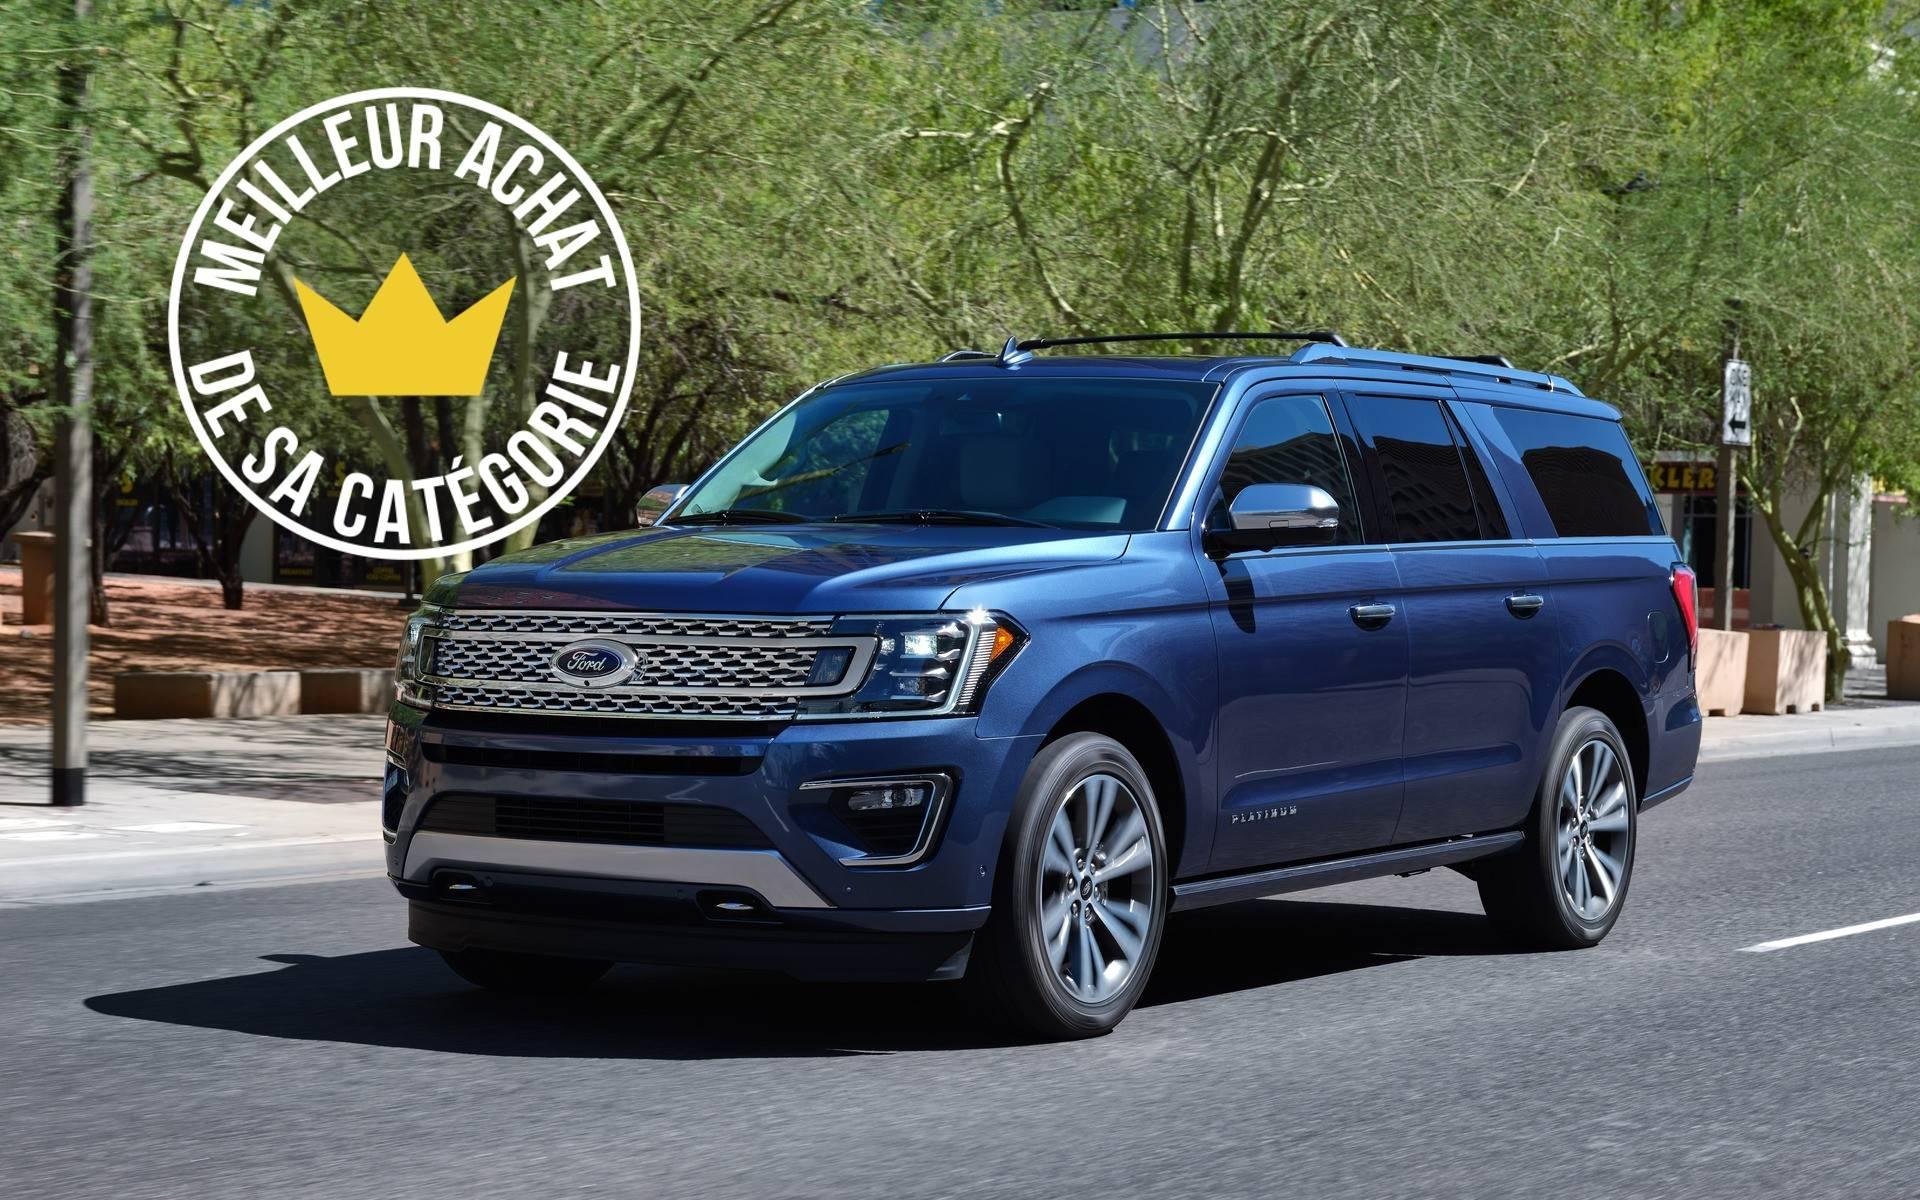 Meilleurs Achats 2020 Du Guide De L'auto : Ford Expedition